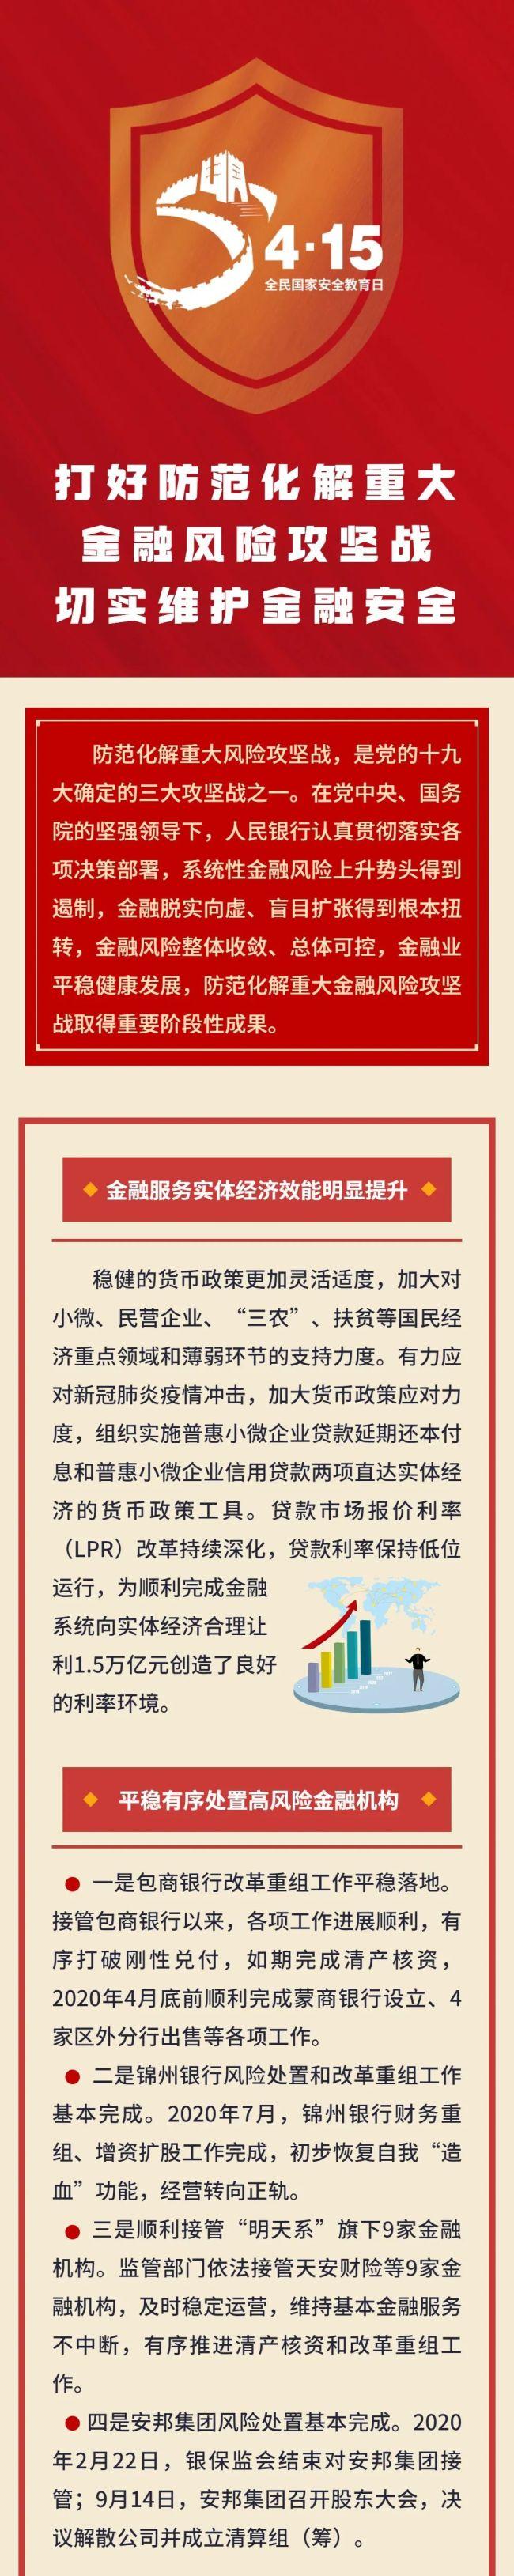 中国人民银行发文:在营P2P网贷机构全部停业,互联网资产管理、股权众筹等领域整治工作基本完成